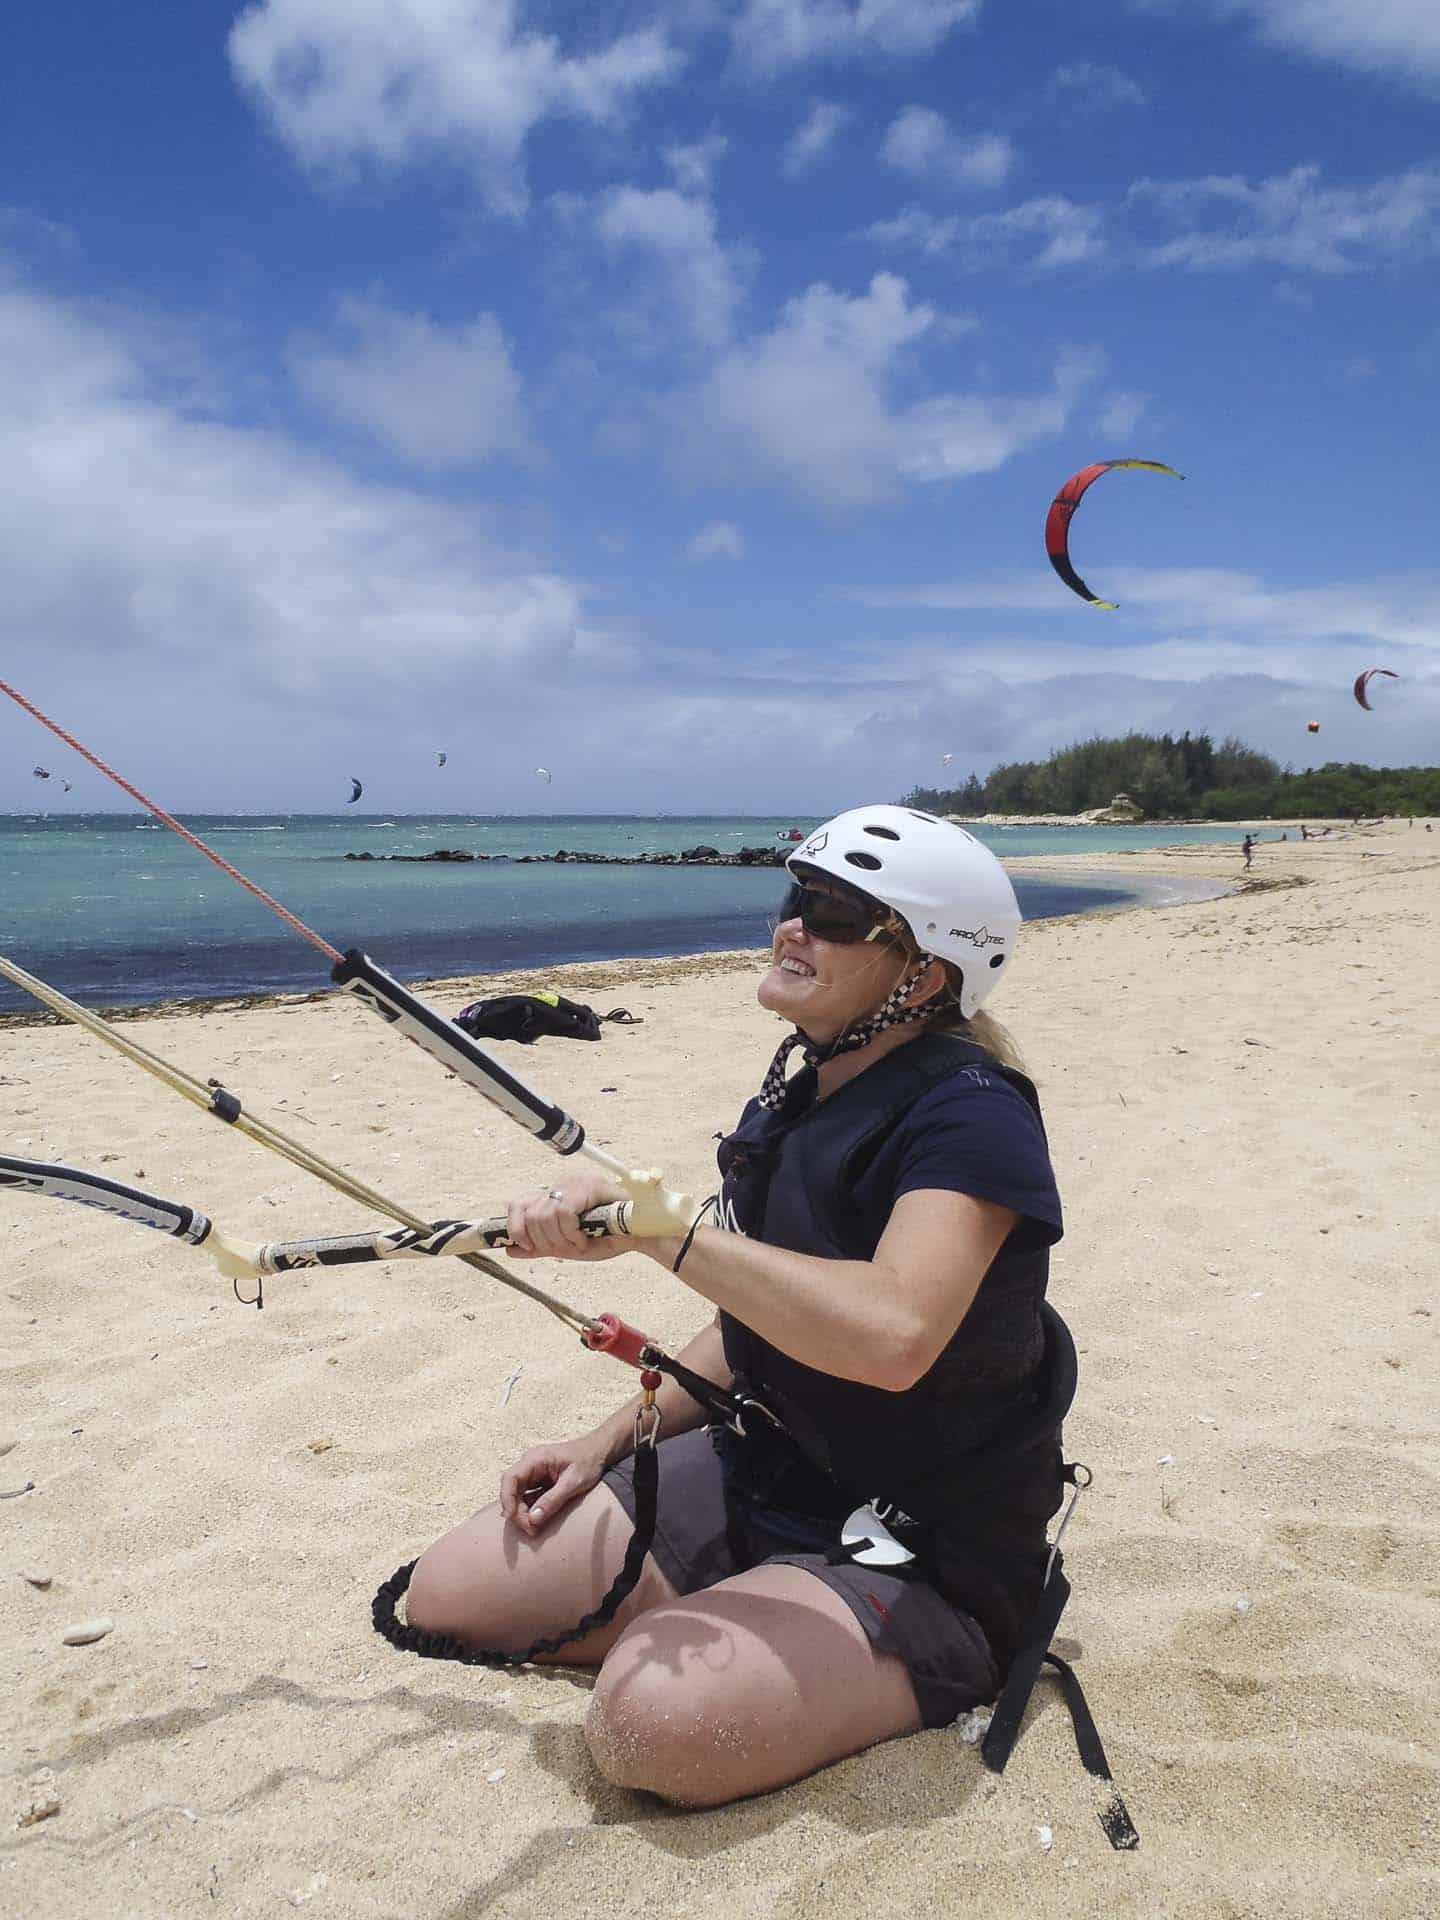 Kiteboarding in Maui